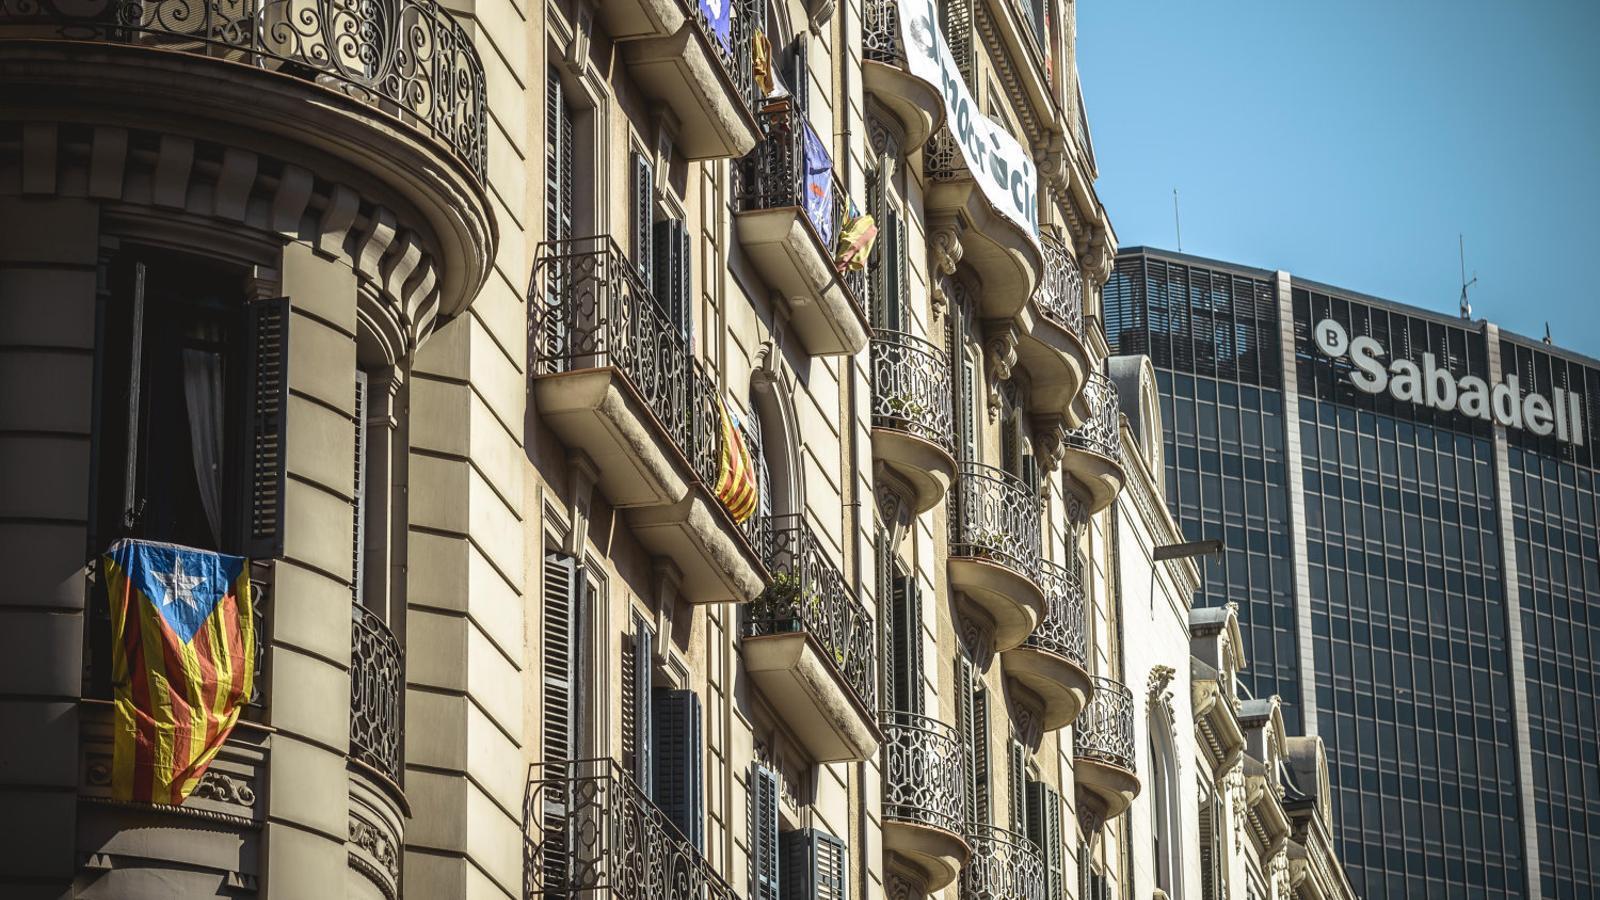 Banc Sabadell CaixaBank demplacament Proces 1913218747 49000302 651x366 - Fil de Ramir De Porrata-Doria. 20/10/18. PSOE i PSC, pressupostos de l'Estat